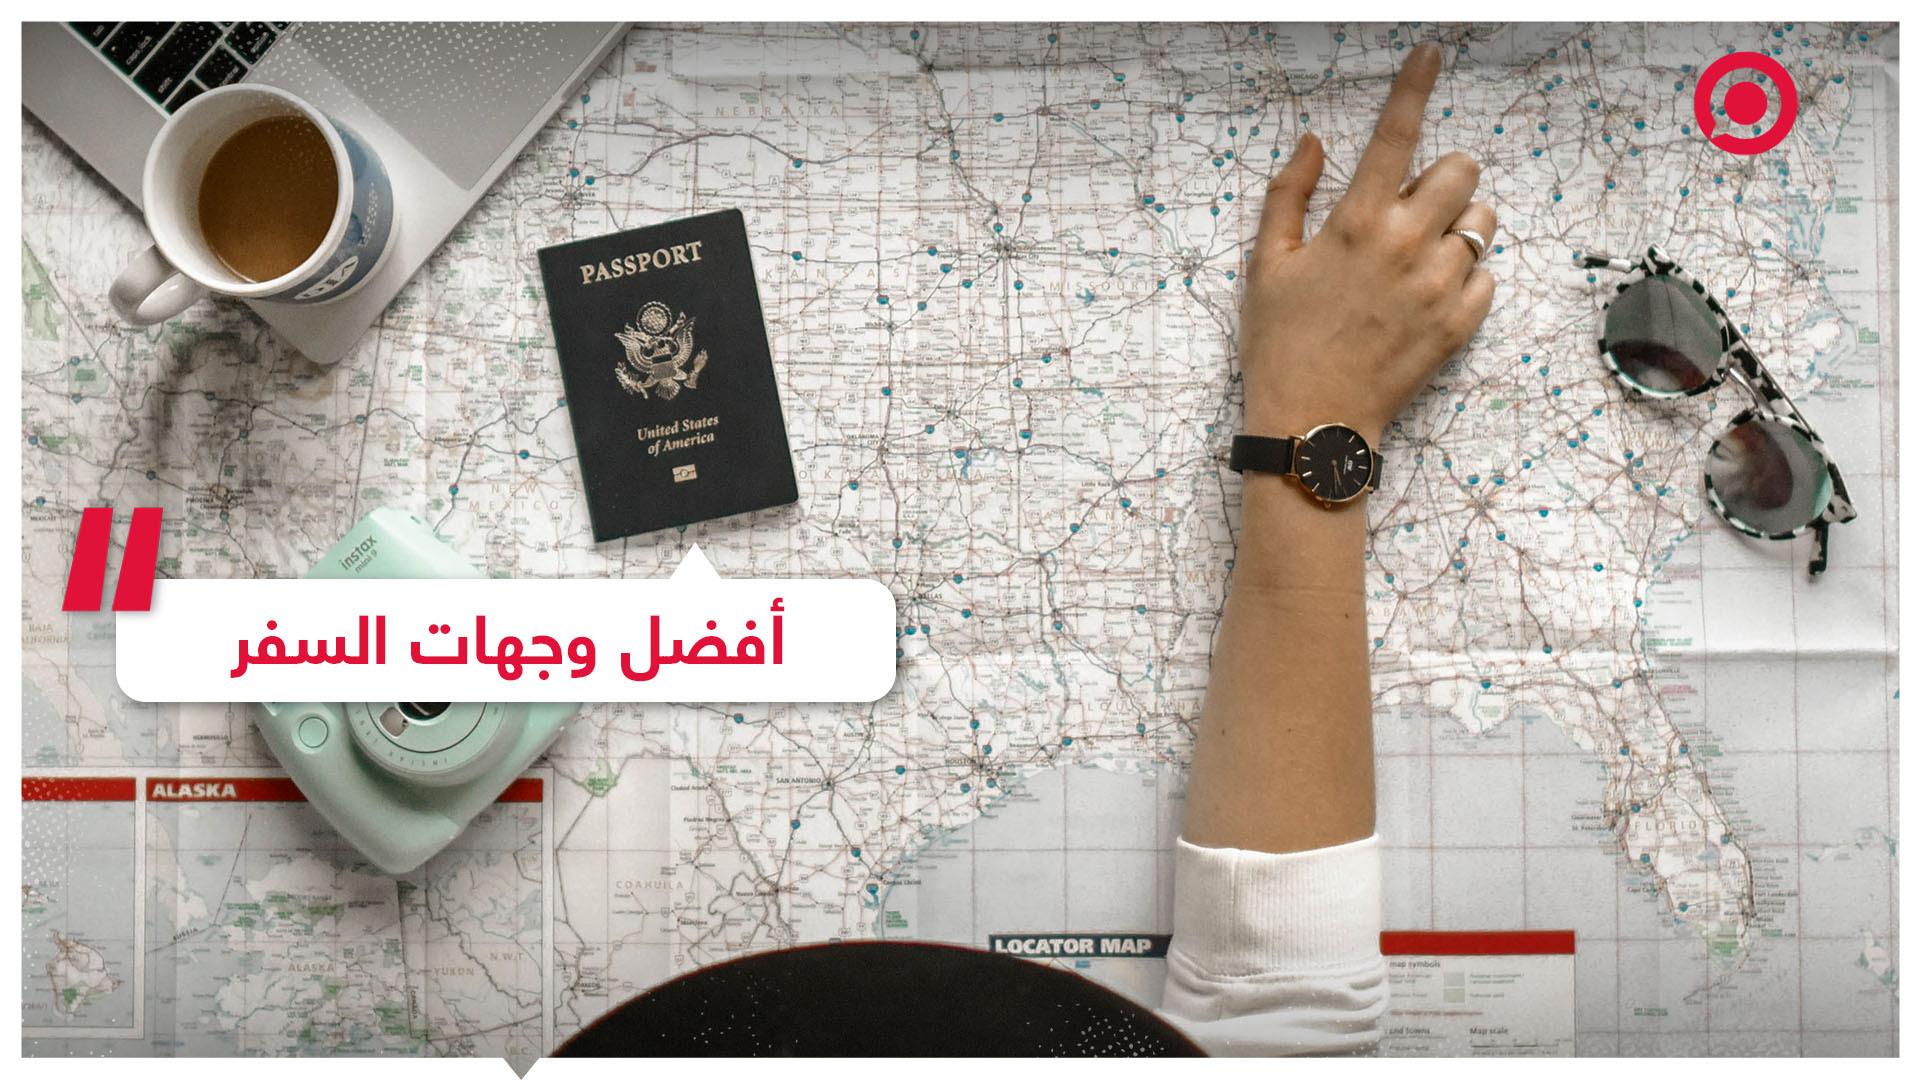 جوائز السفر العالمية